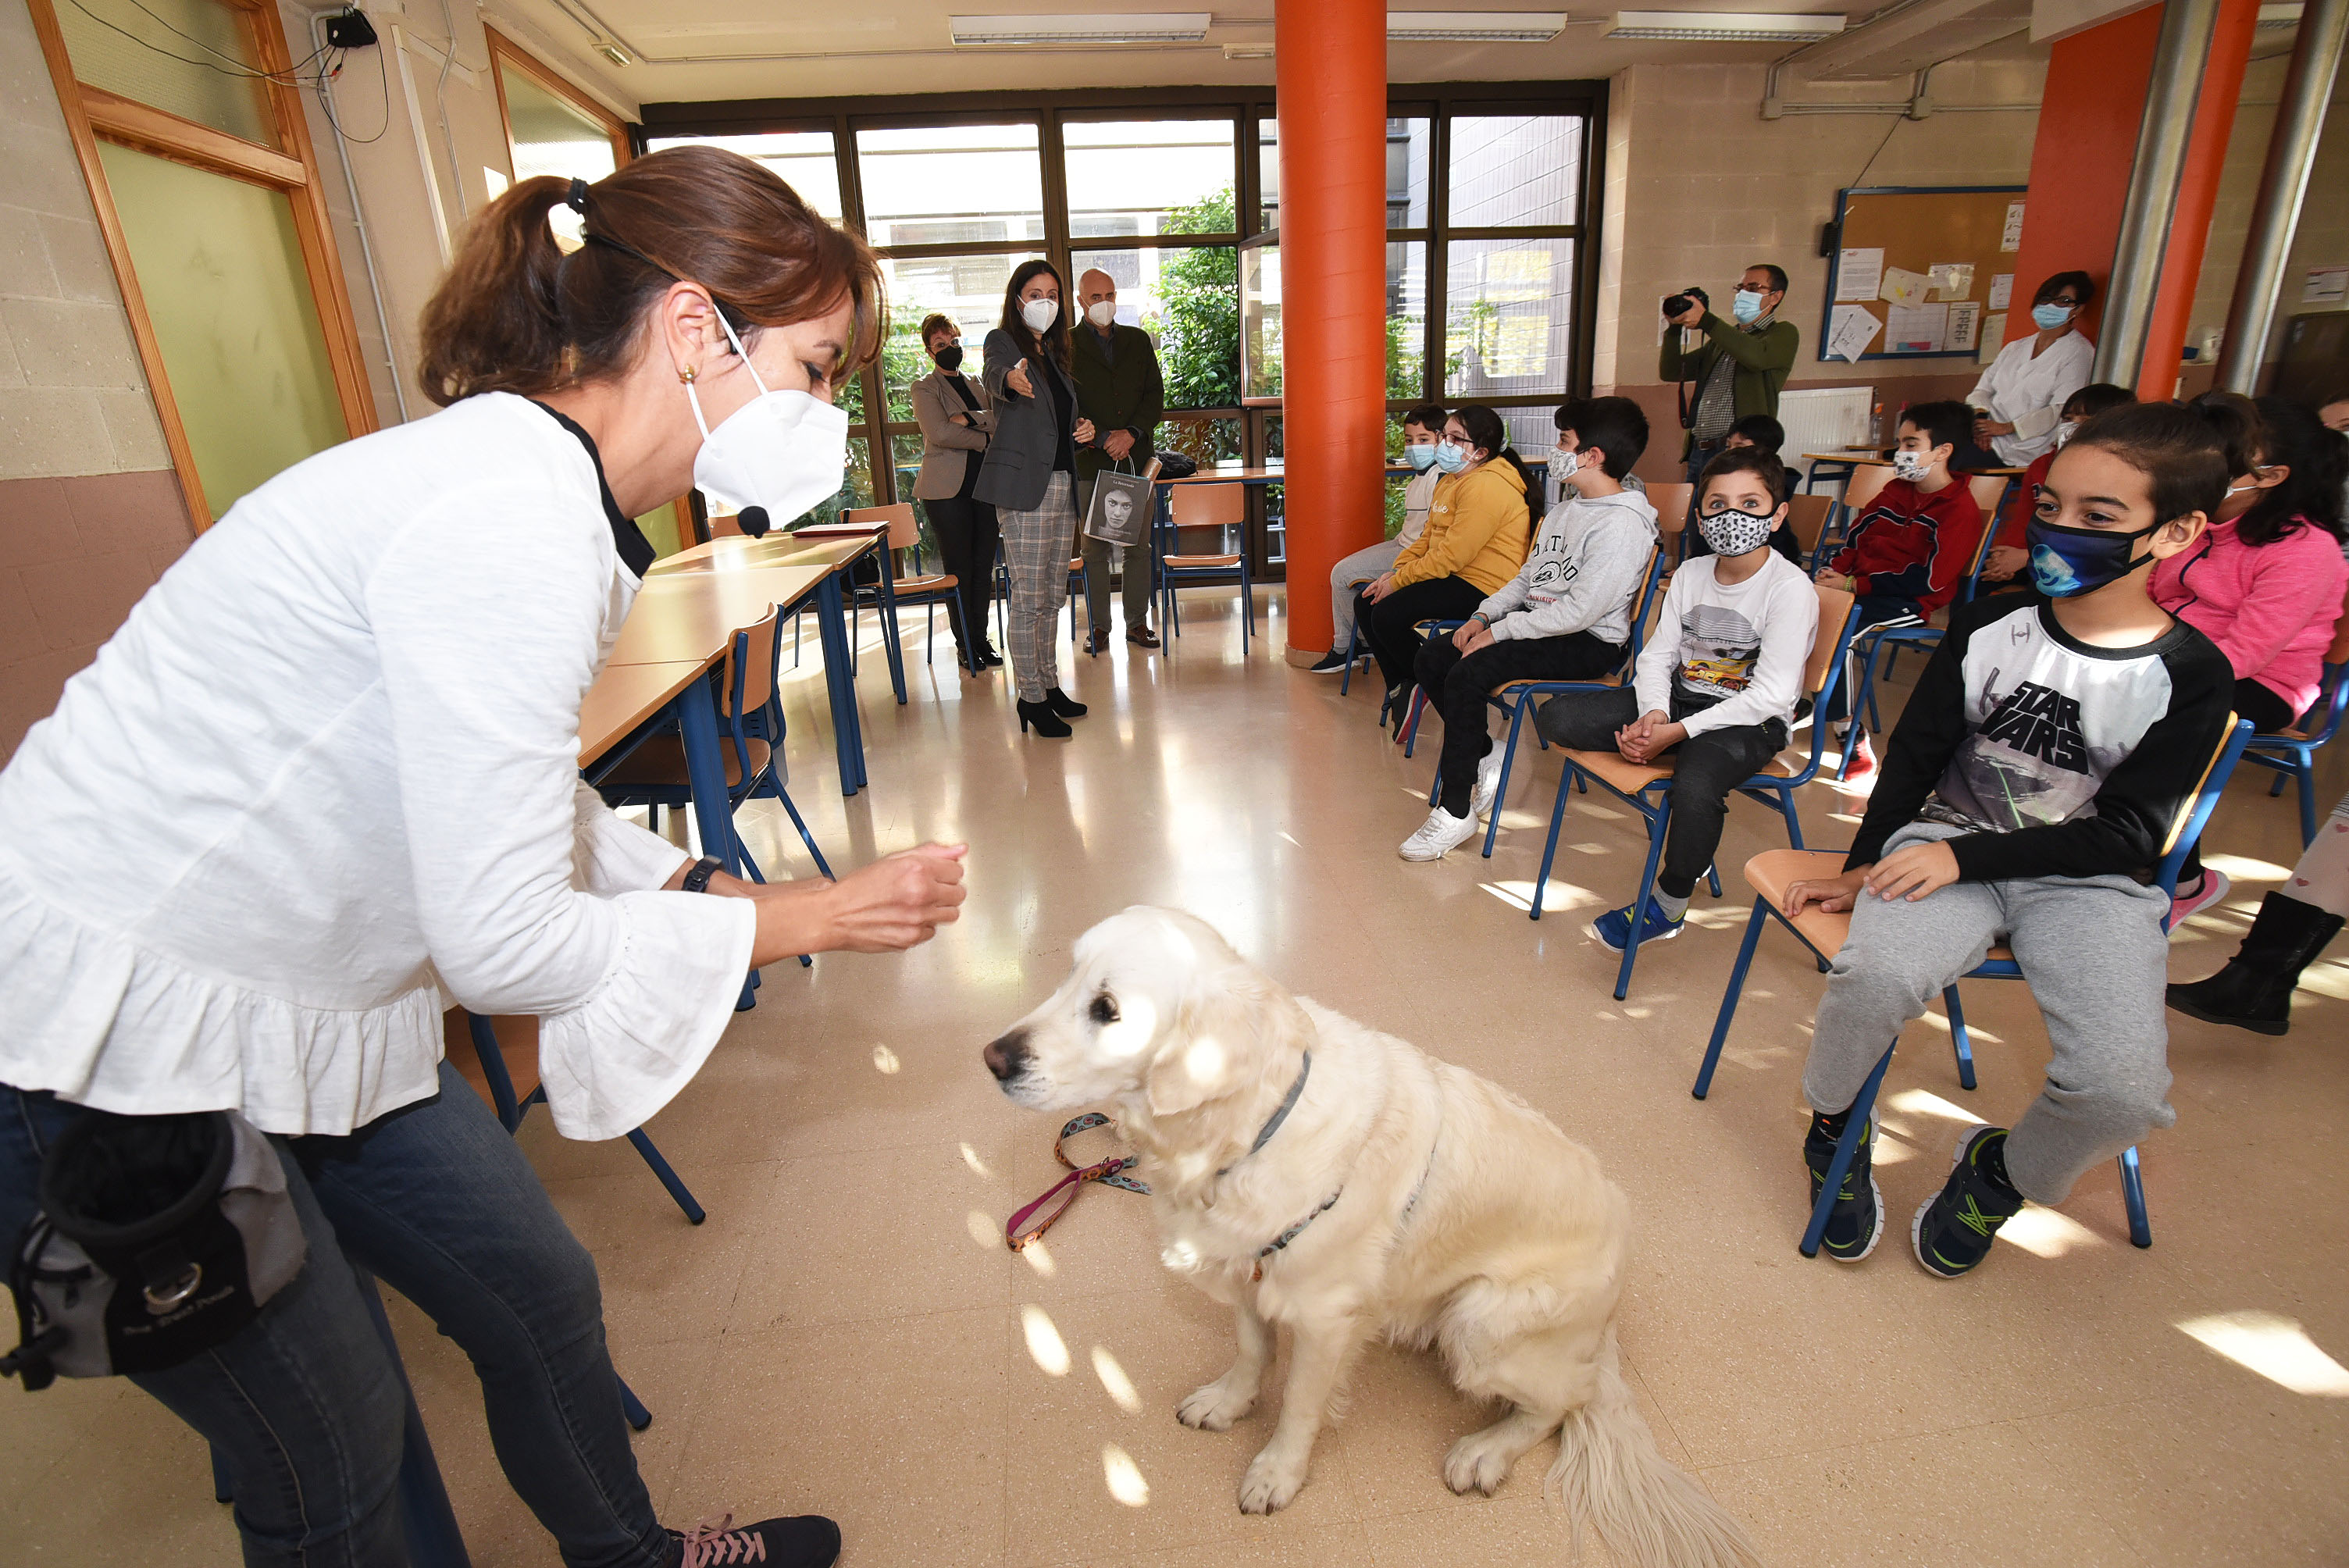 Activan una campaña de concienciación sobre los perros de asistencia y su inclusión en la sociedad